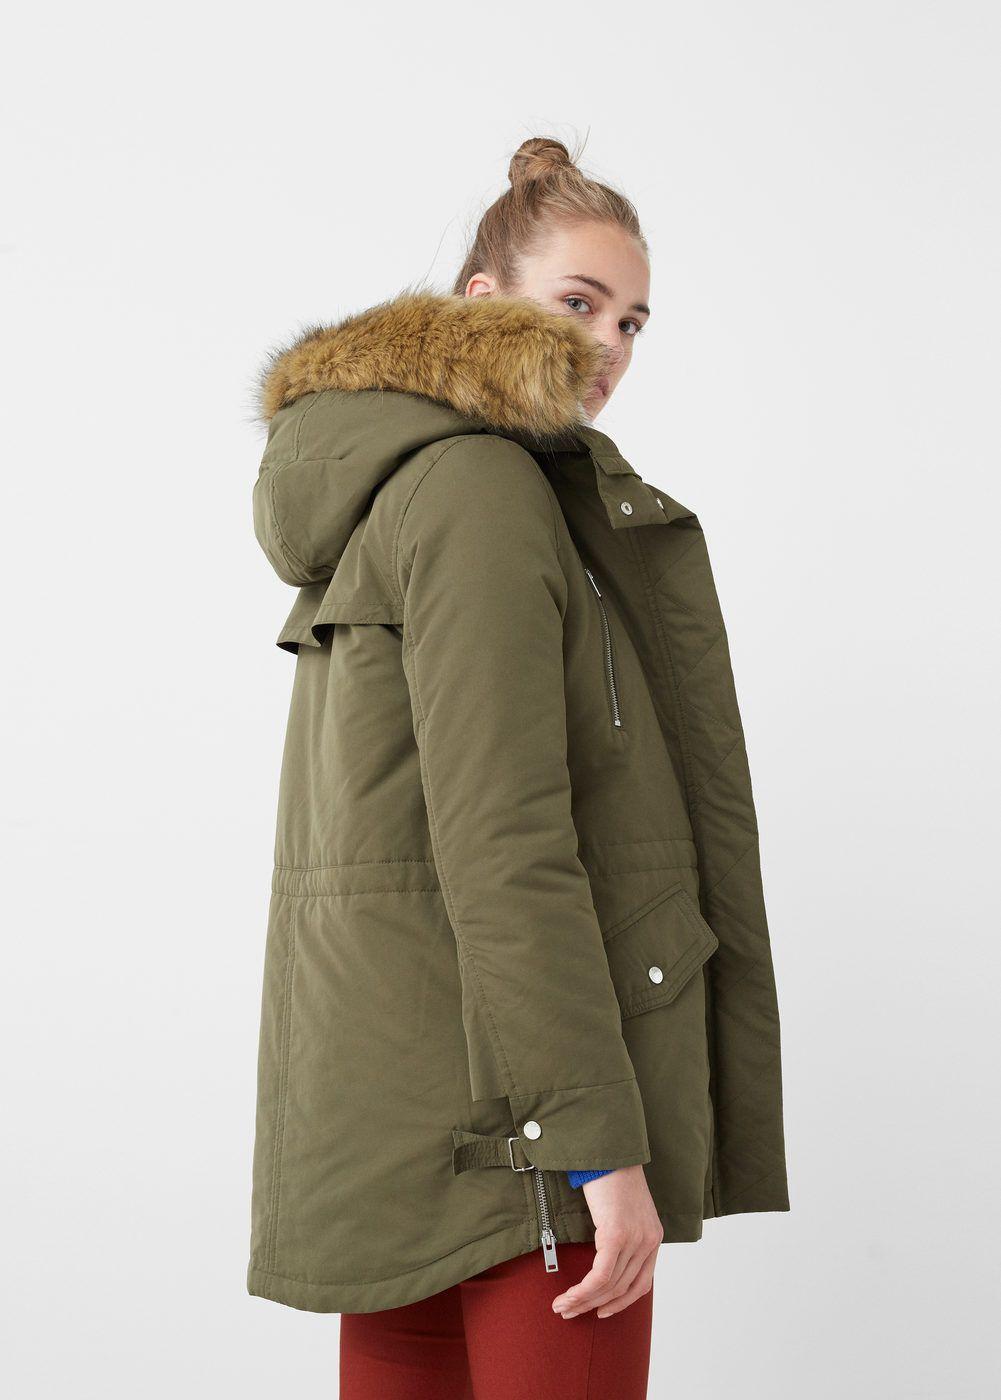 Winterjas Bont Dames.Gewatteerde Jas Met Bont Dames Hannah Coat Faux Fur En Winter